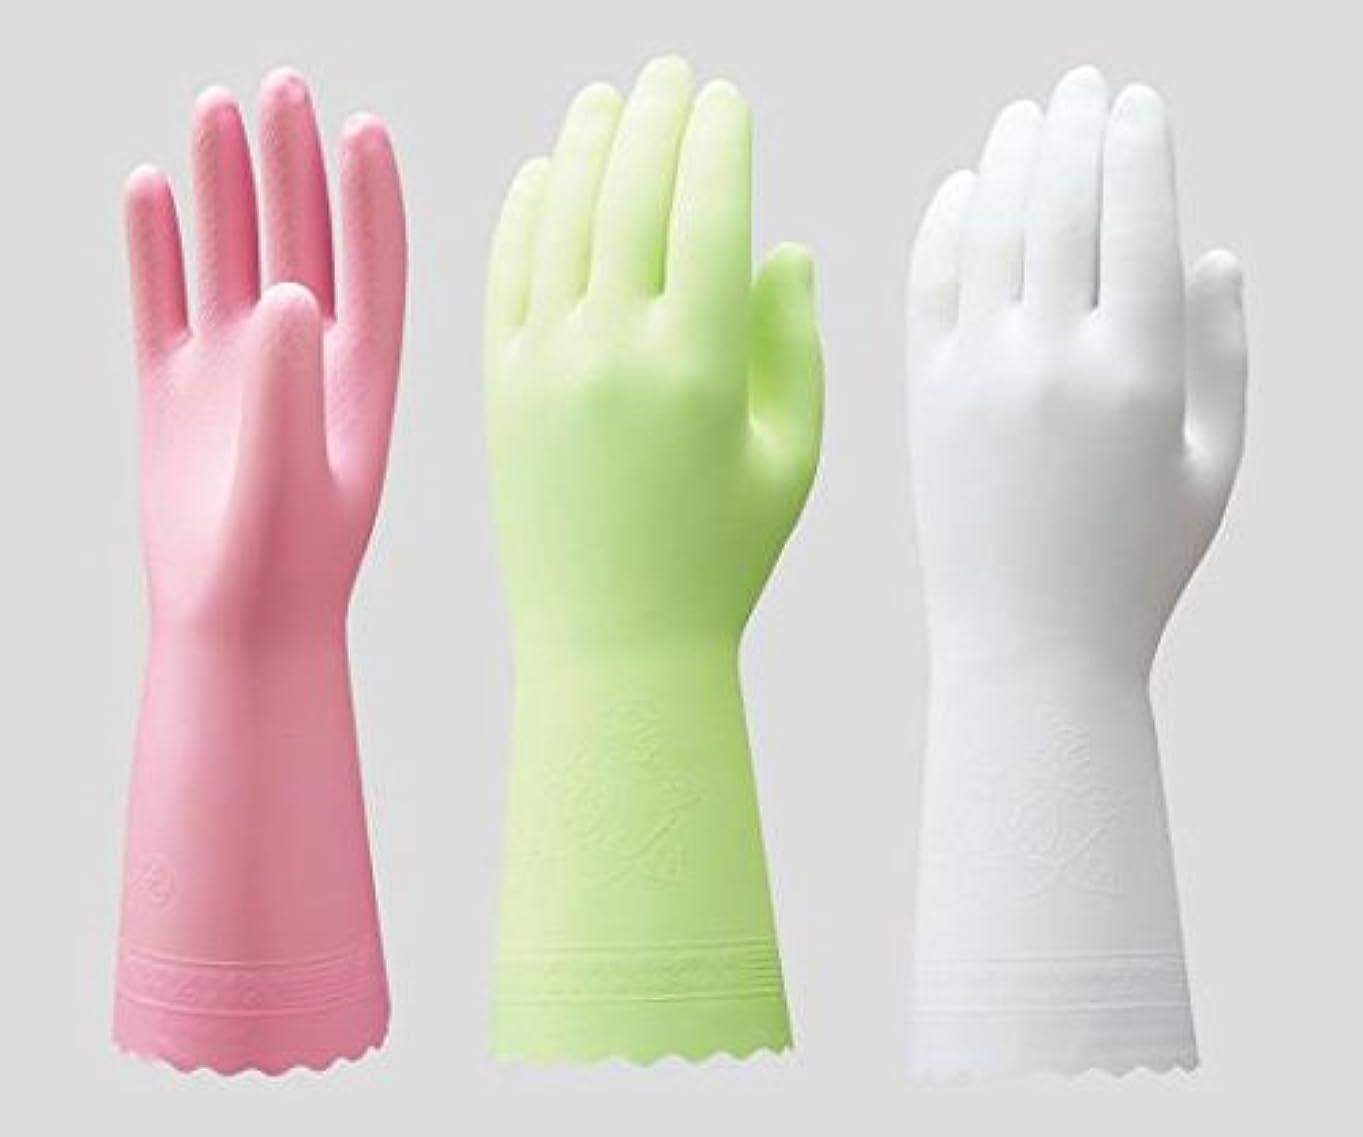 流行している愛国的な扱いやすいショーワグローブ2-9143-01ビニトップ手袋薄手裏毛無ホワイトS